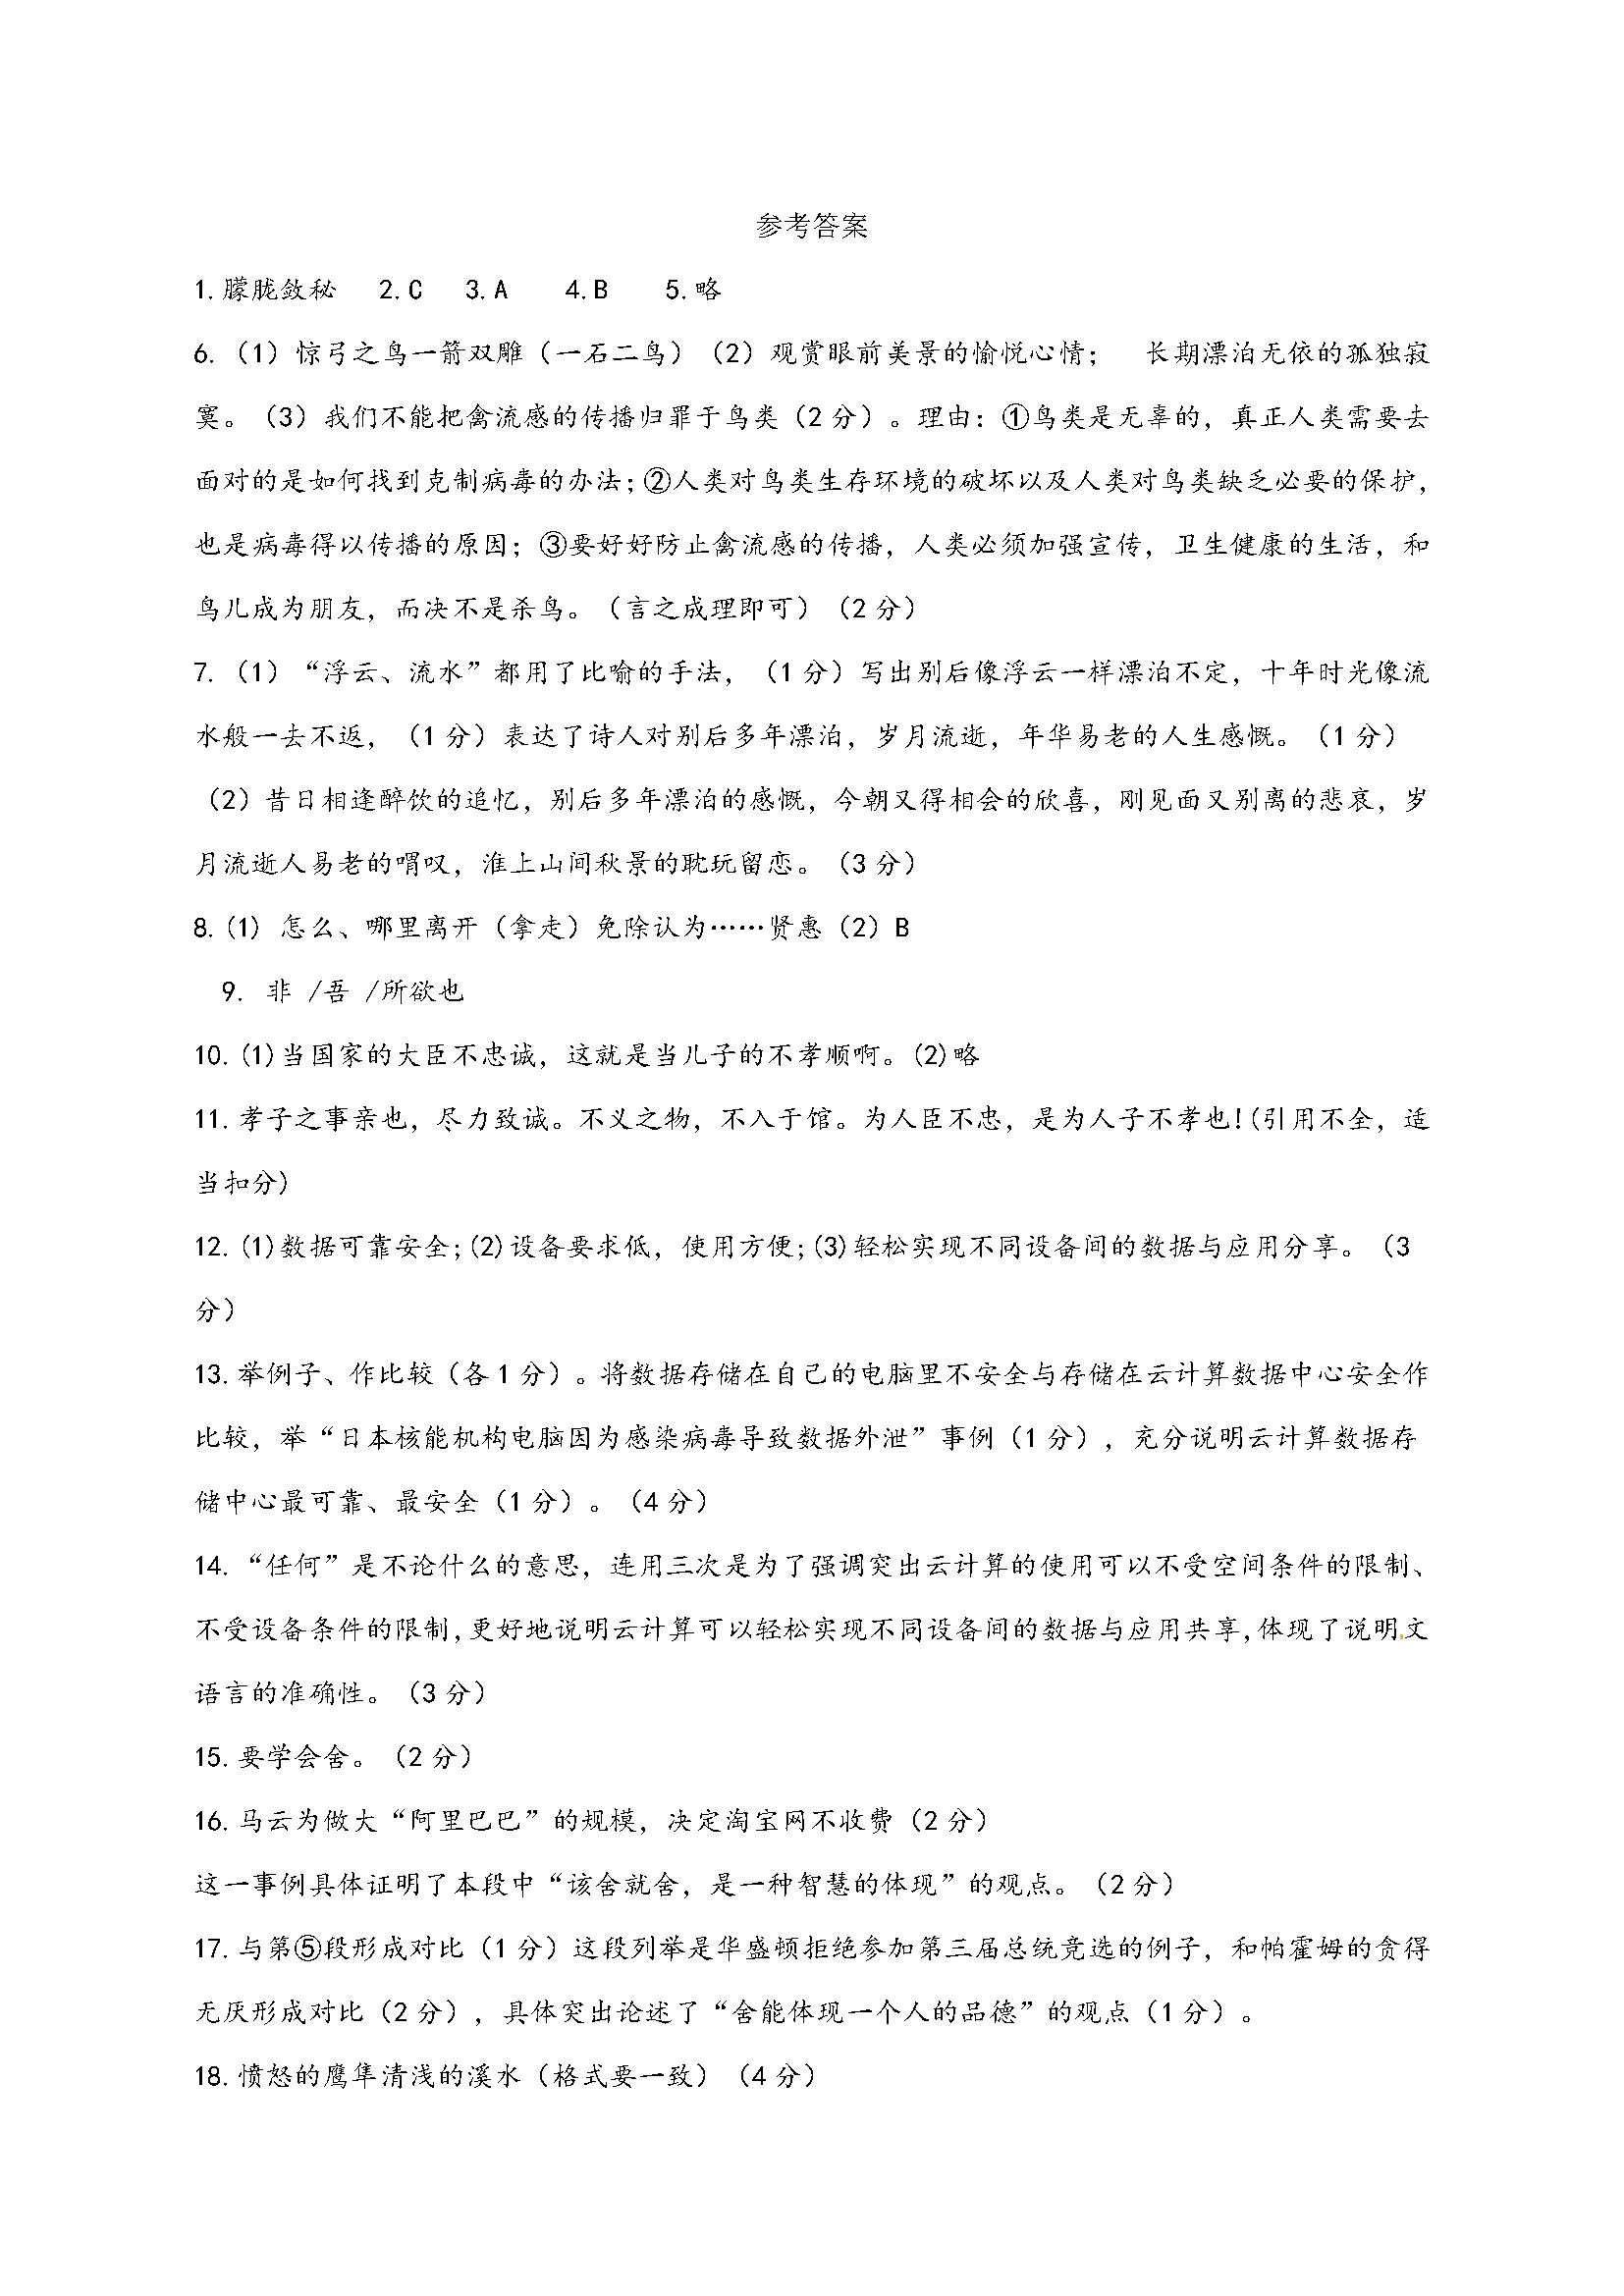 江苏泰州民兴实验中学2016-2017学年八年级下第一次月考语文试题答案(Word版)